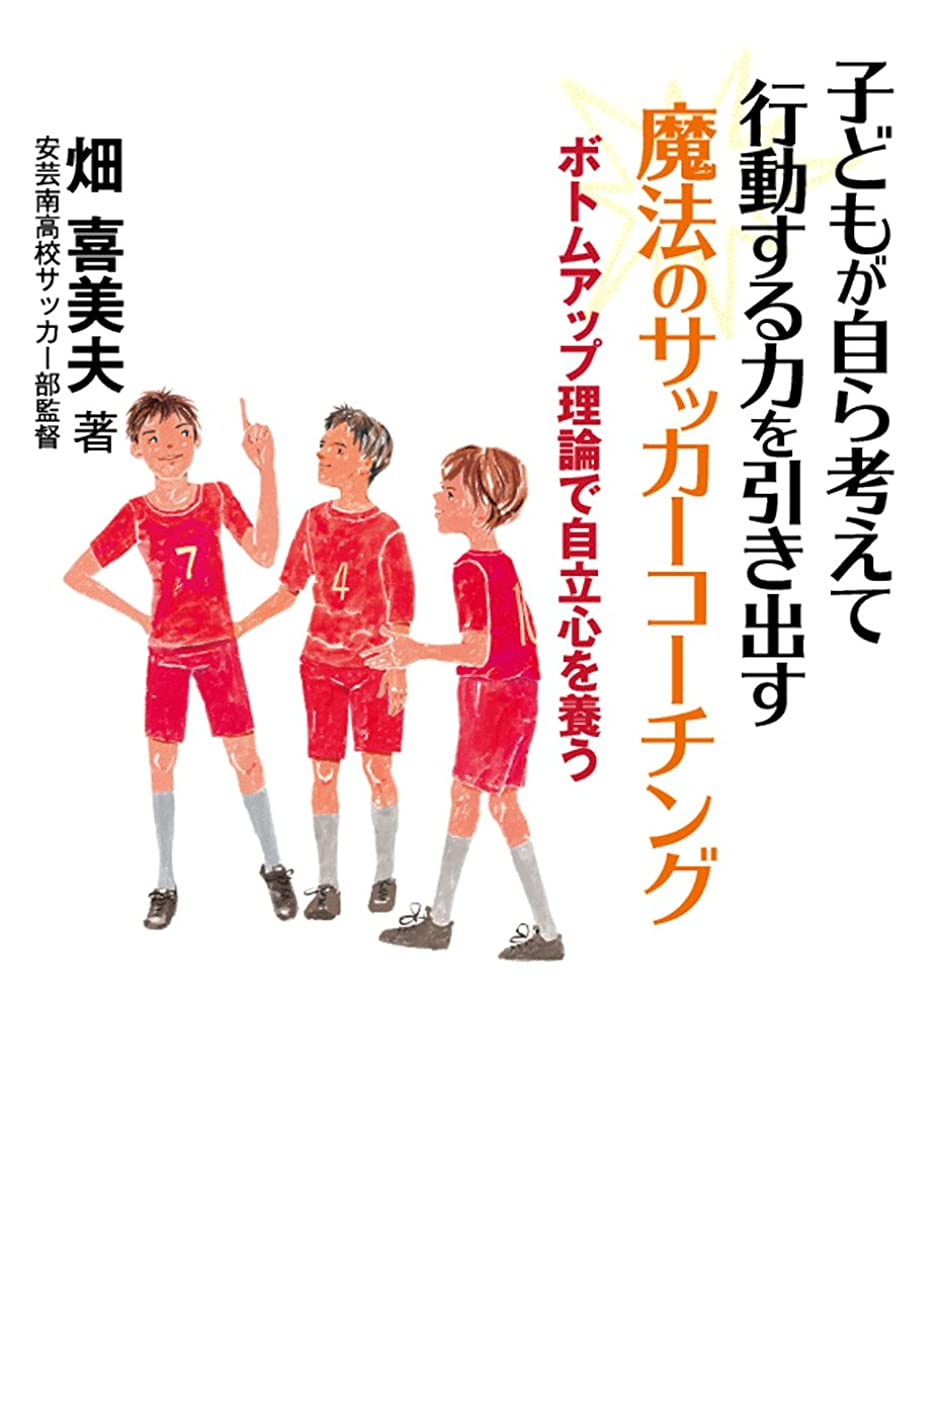 素晴らしい家族香水子どもが自ら考えて行動する力を引き出す 魔法のサッカーコーチング ボトムアップ理論で自立心を養う